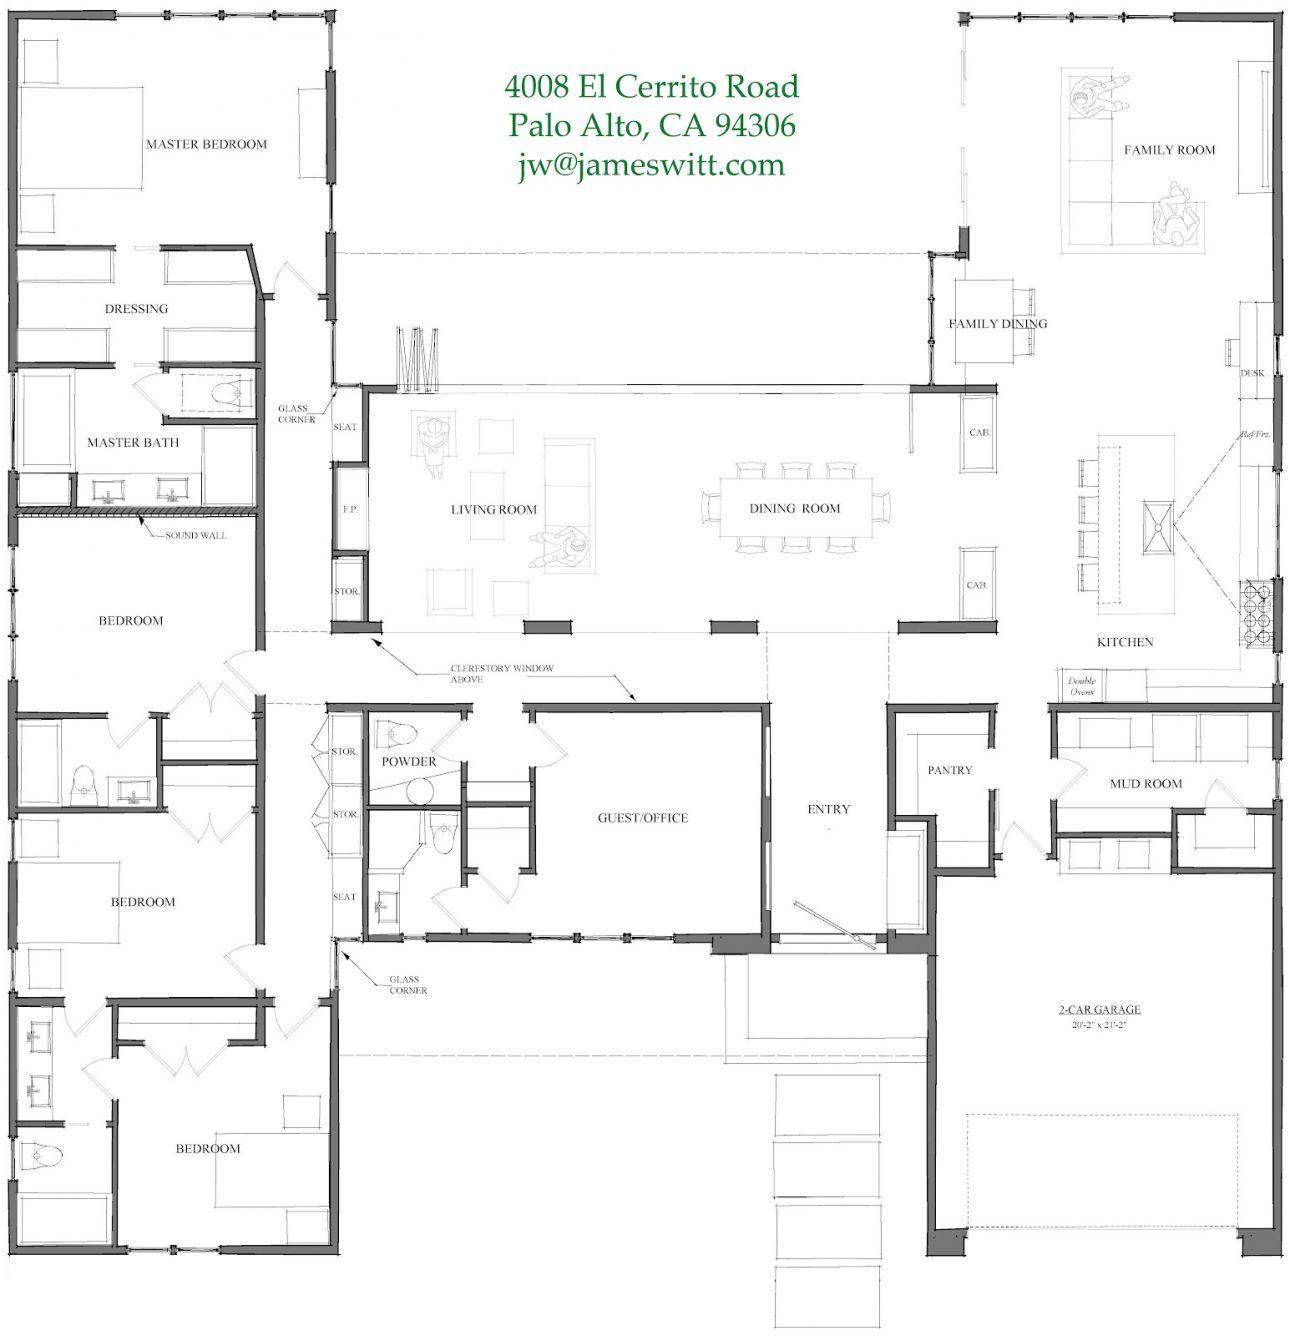 4 Bedroom Bungalow Design Amazing 4 Bedroom Open Plan  Home Design  Pinterest  Open Plan And Bedrooms Design Ideas